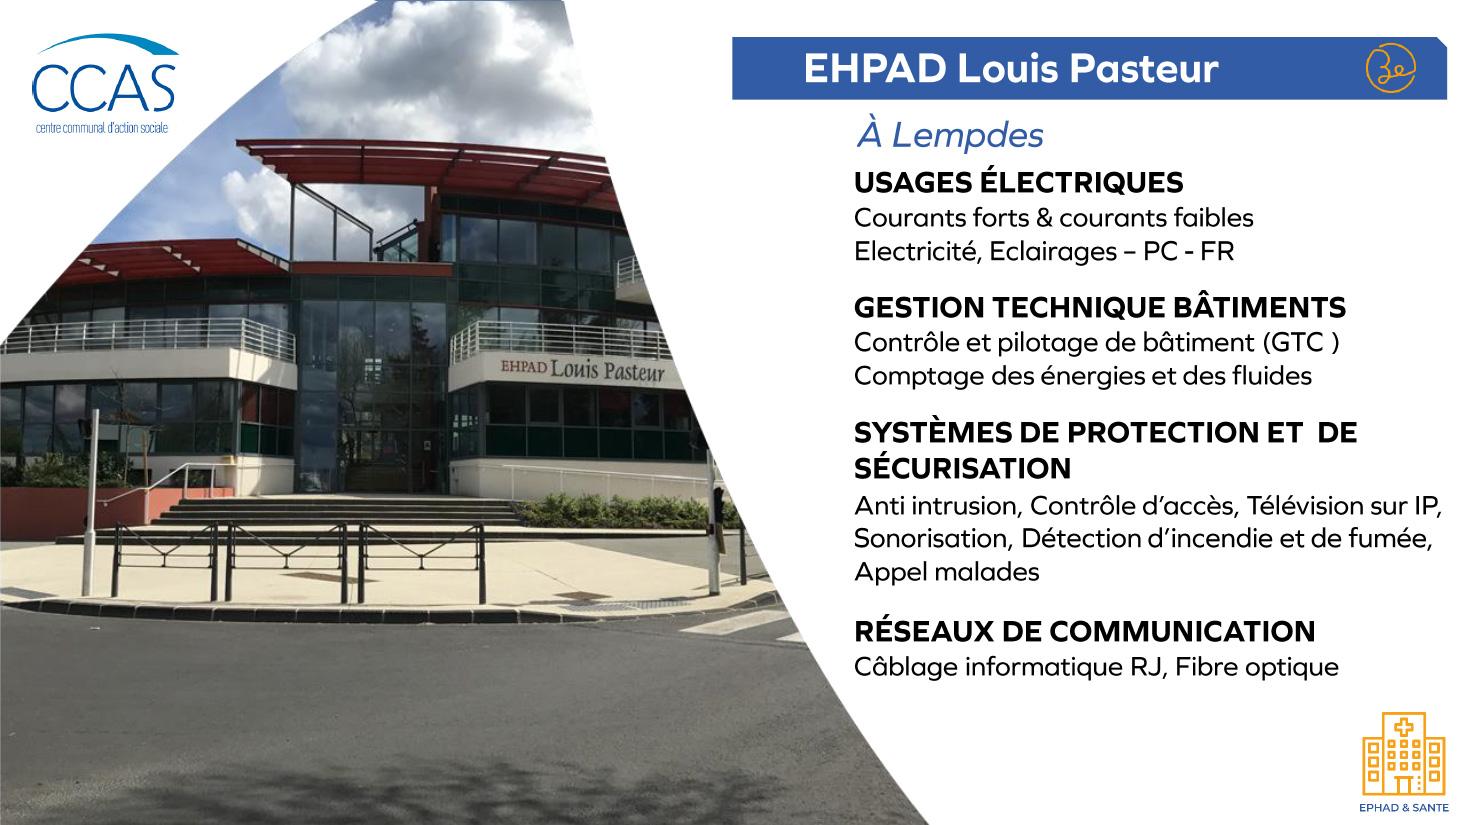 Ephad Louis Pasteur - Ephad et Santé